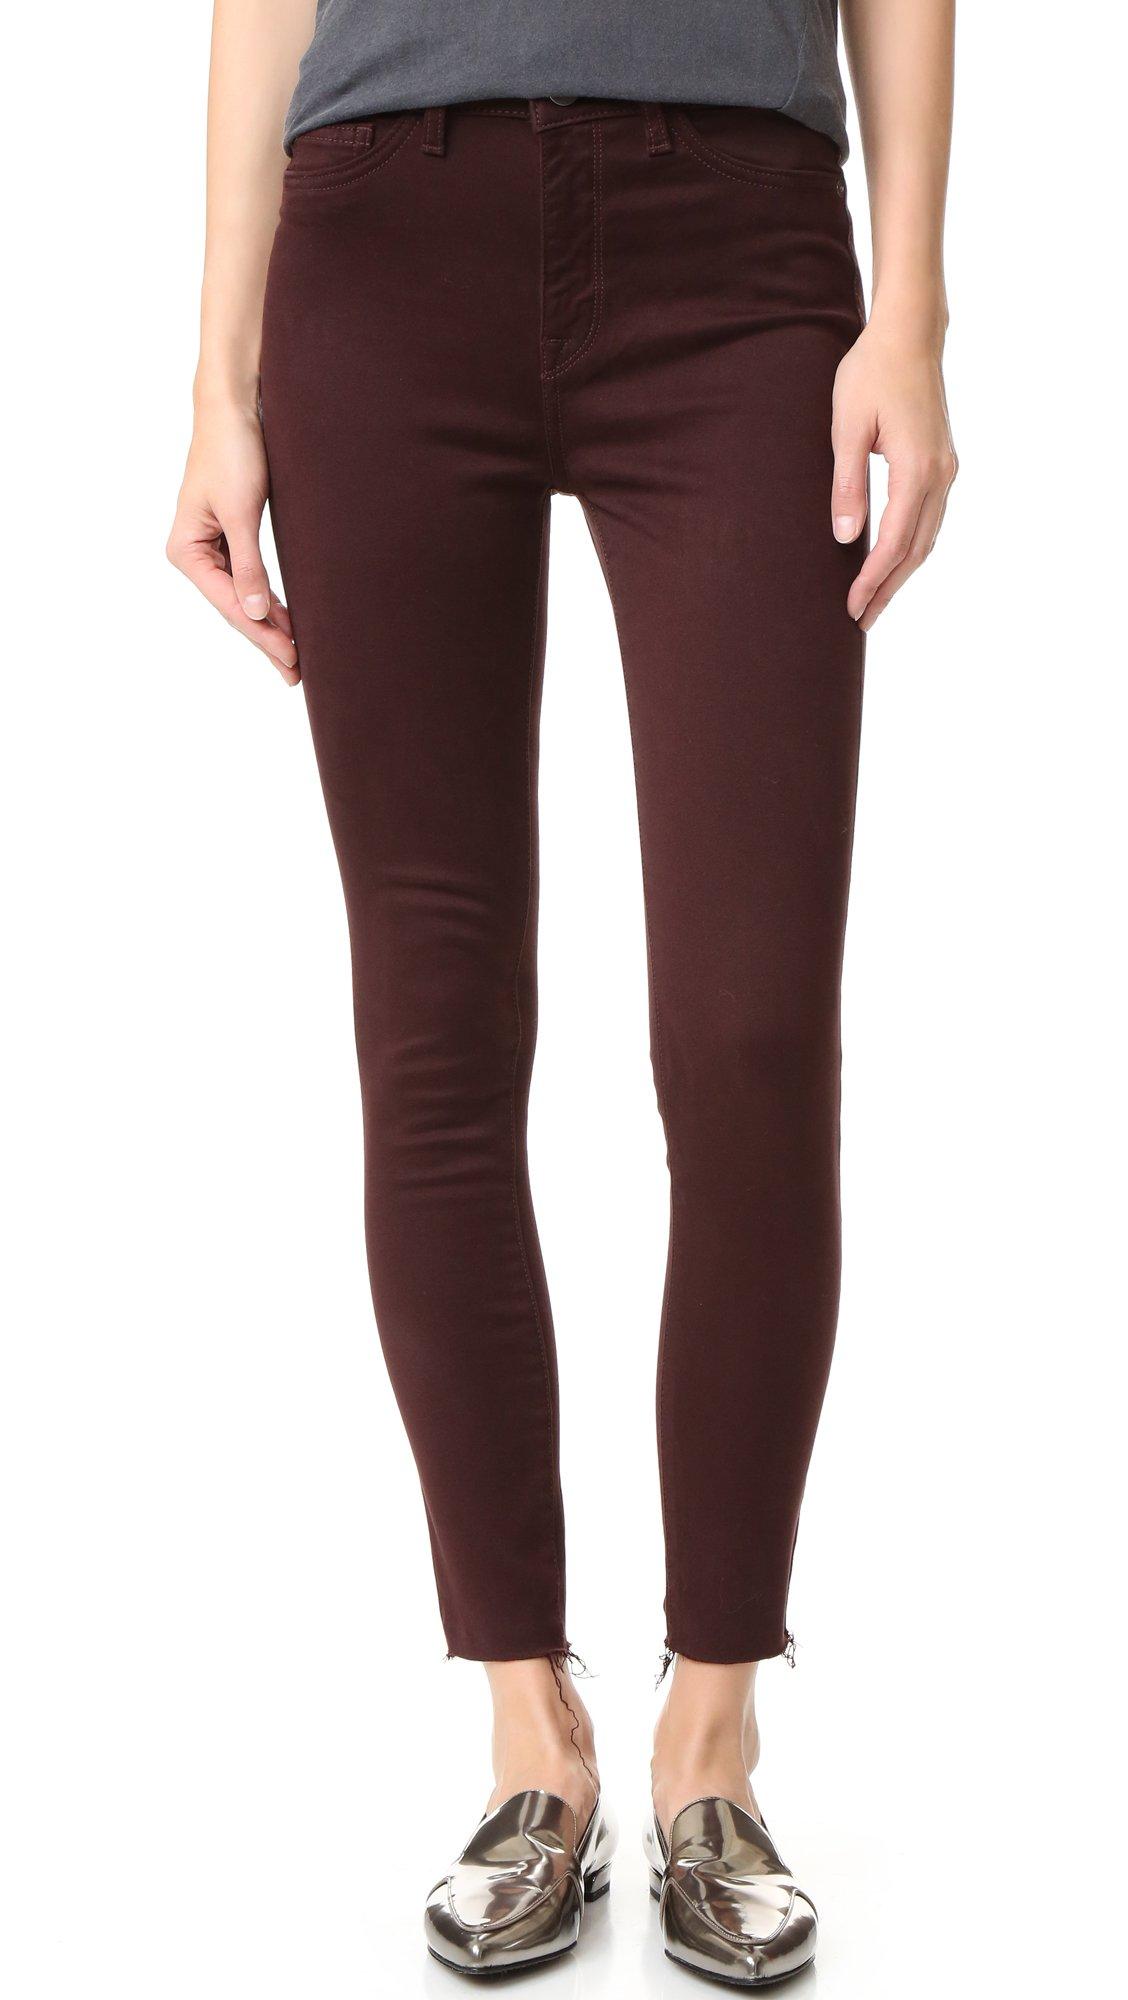 DL1961 Women's Jessica Alba No.2 Super Skinny Ultra High Rise Jeans, Cabernet, 25